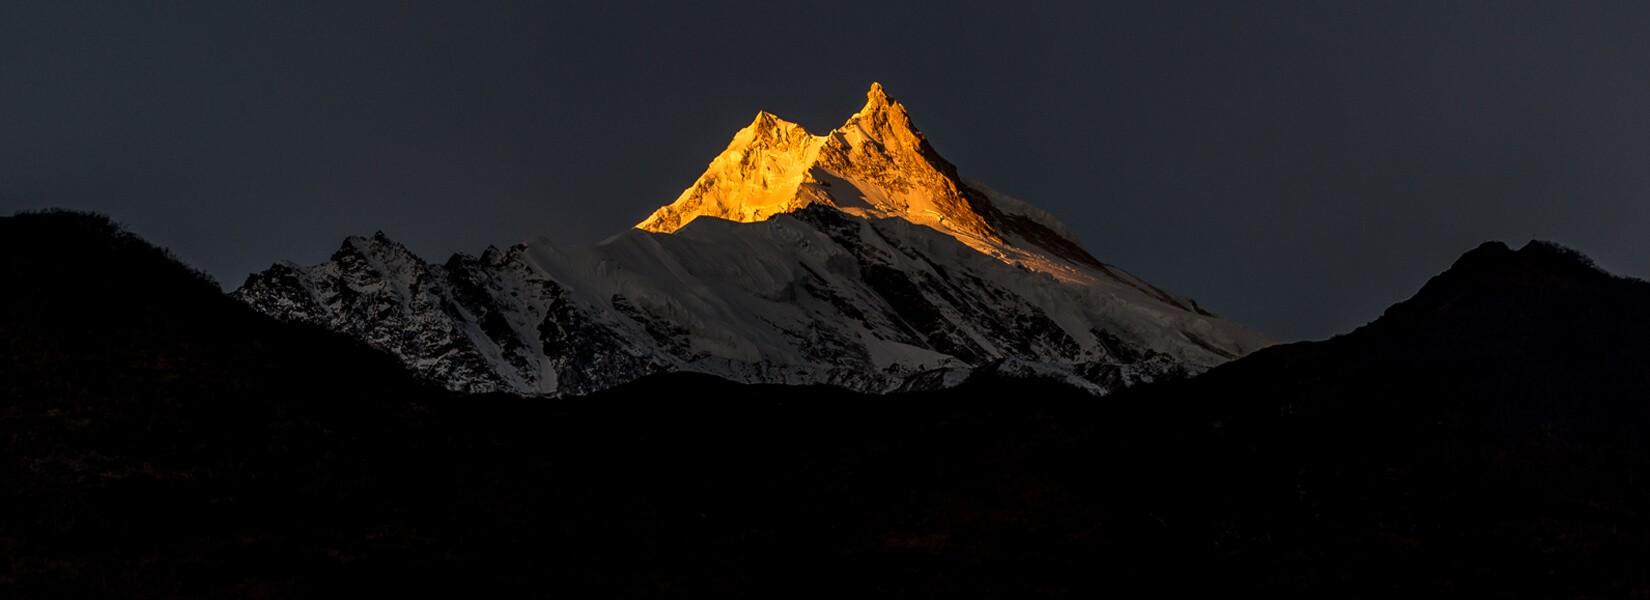 Tsum valley and manaslu circuit trek in Nepal